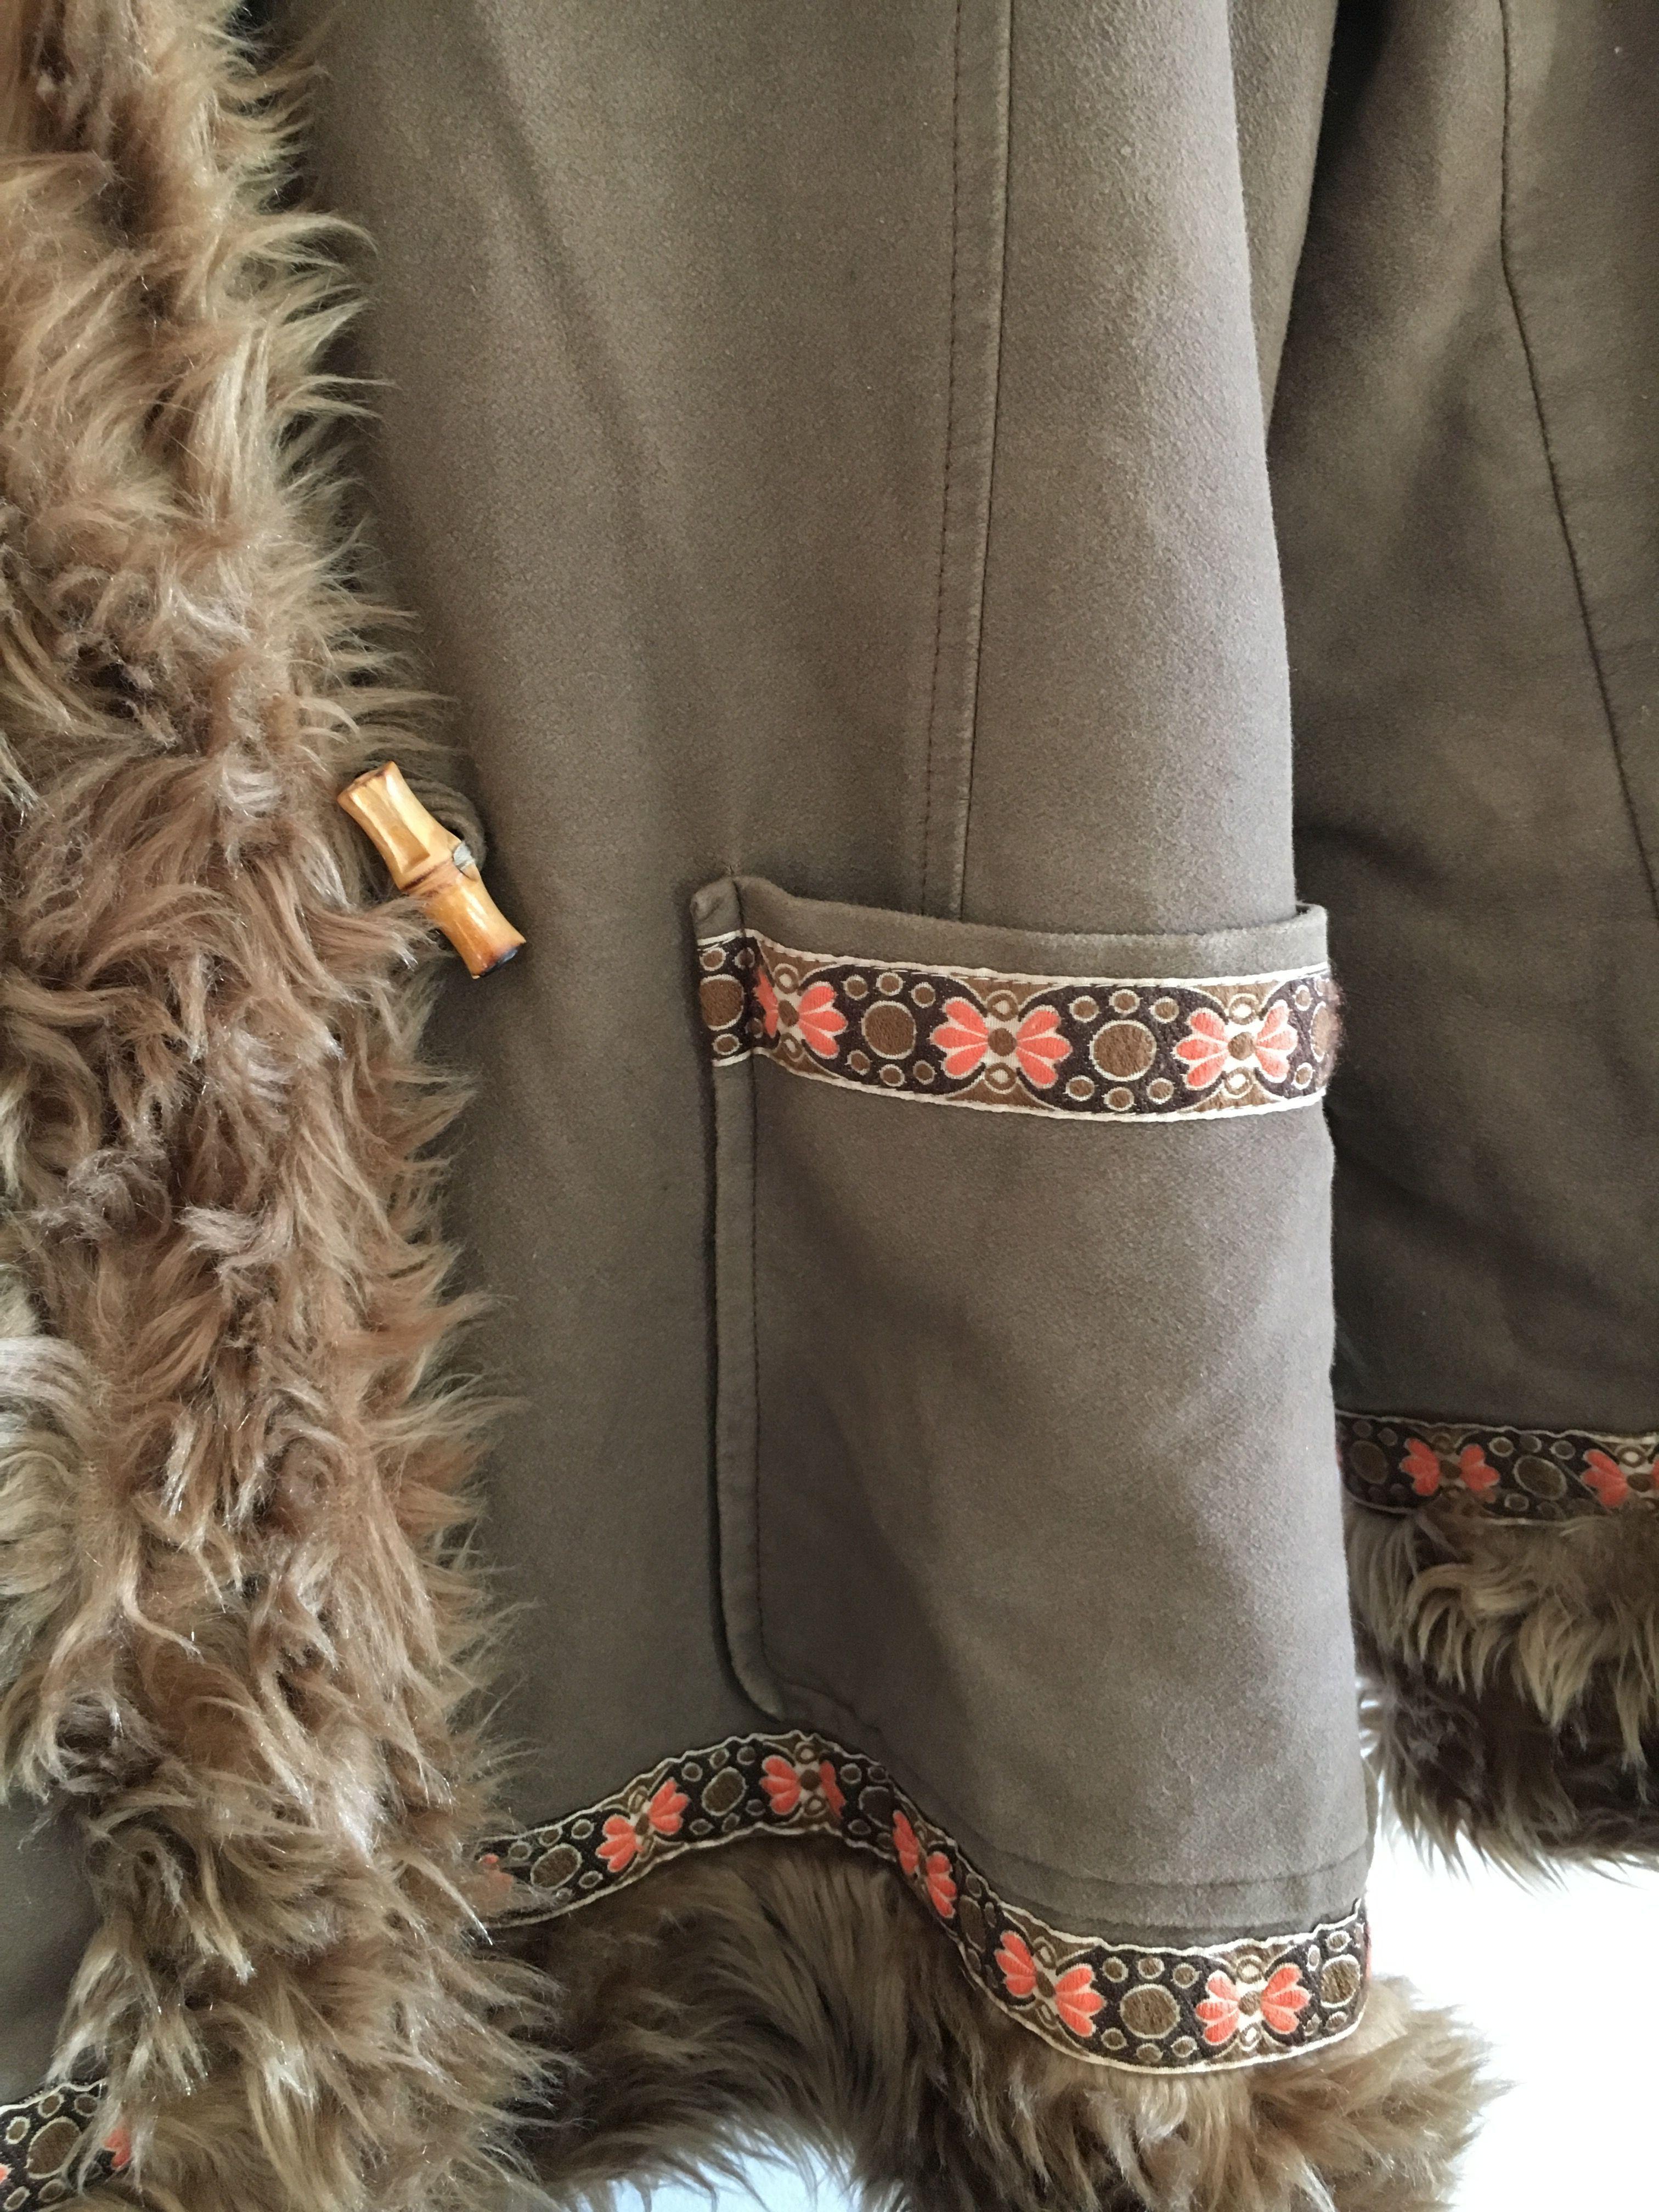 Manteaux - Veste imitation peau lainée